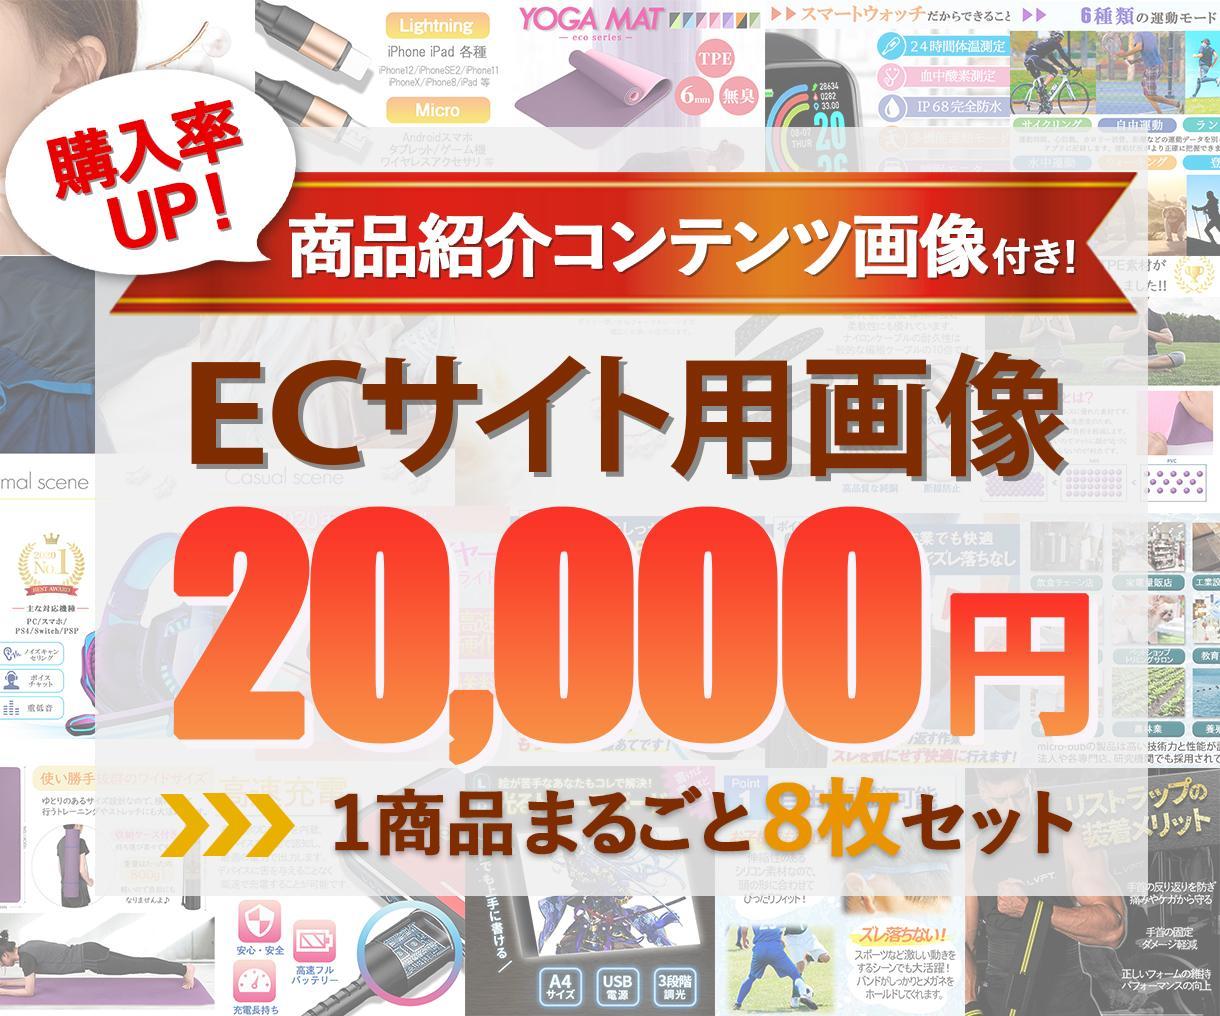 Amazonや楽天等のEC画像をまるごと作ります 低価格なのに高品質!売上UPに貢献させてください! イメージ1